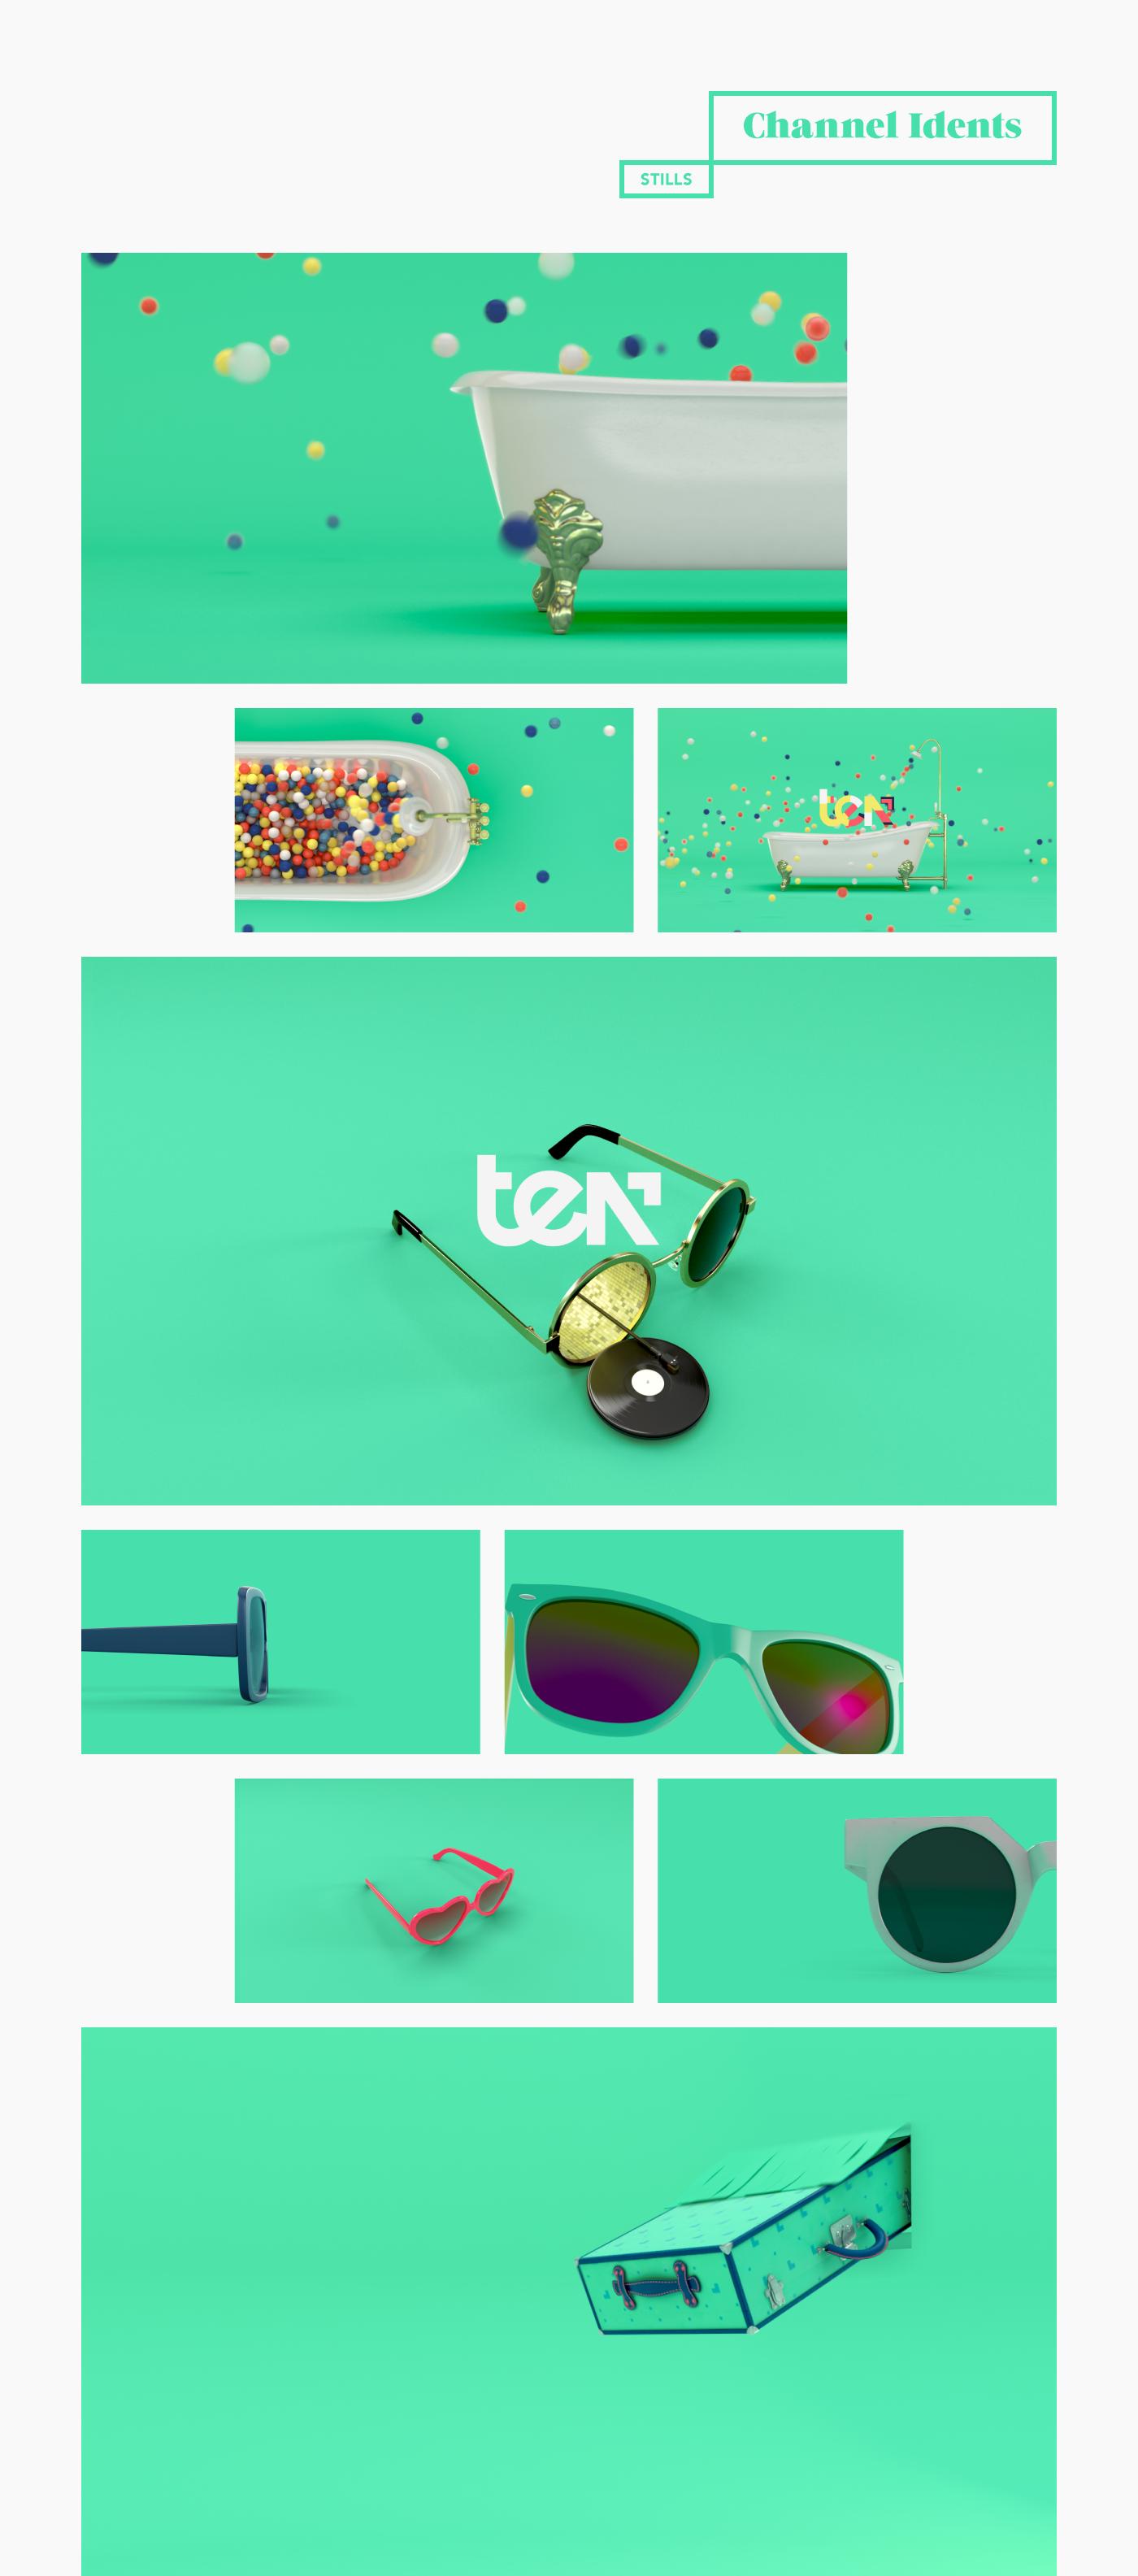 foodie Fashion  bathtub Sunglasses disco music Travel fitness Mouth Emoji